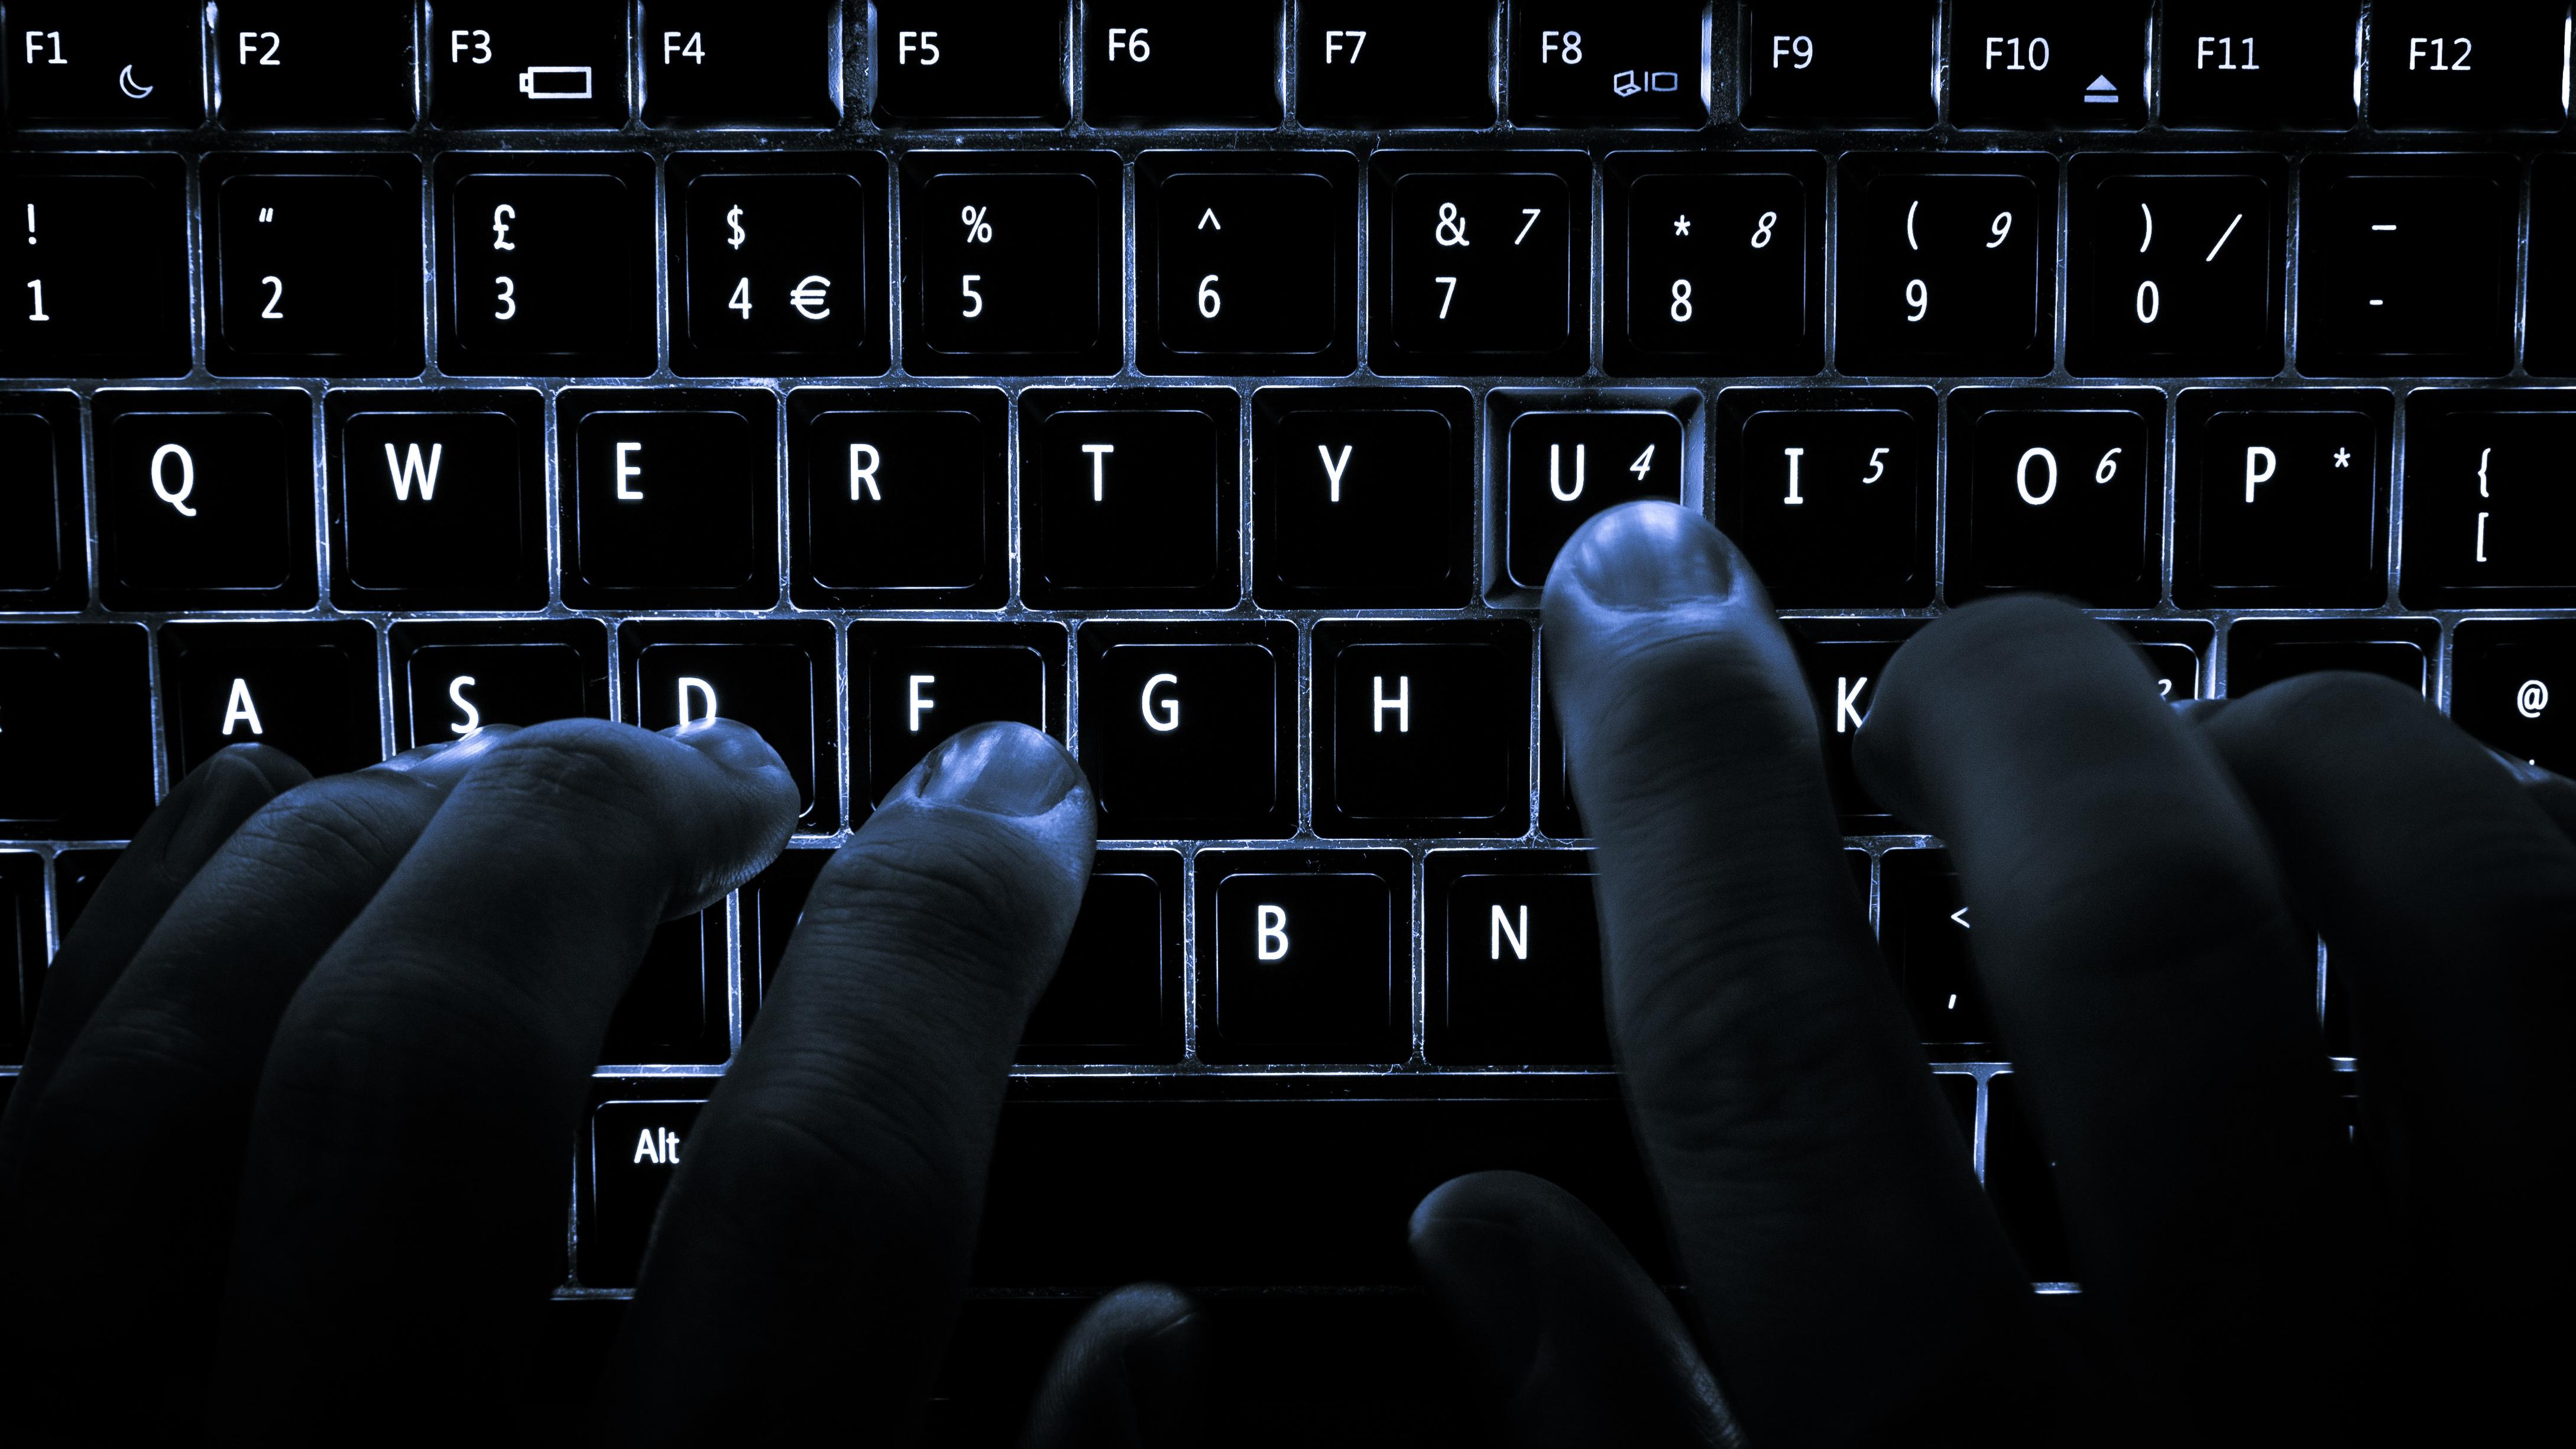 4 aspectos básicos que debes saber sobre la seguridad informática - Featured Image